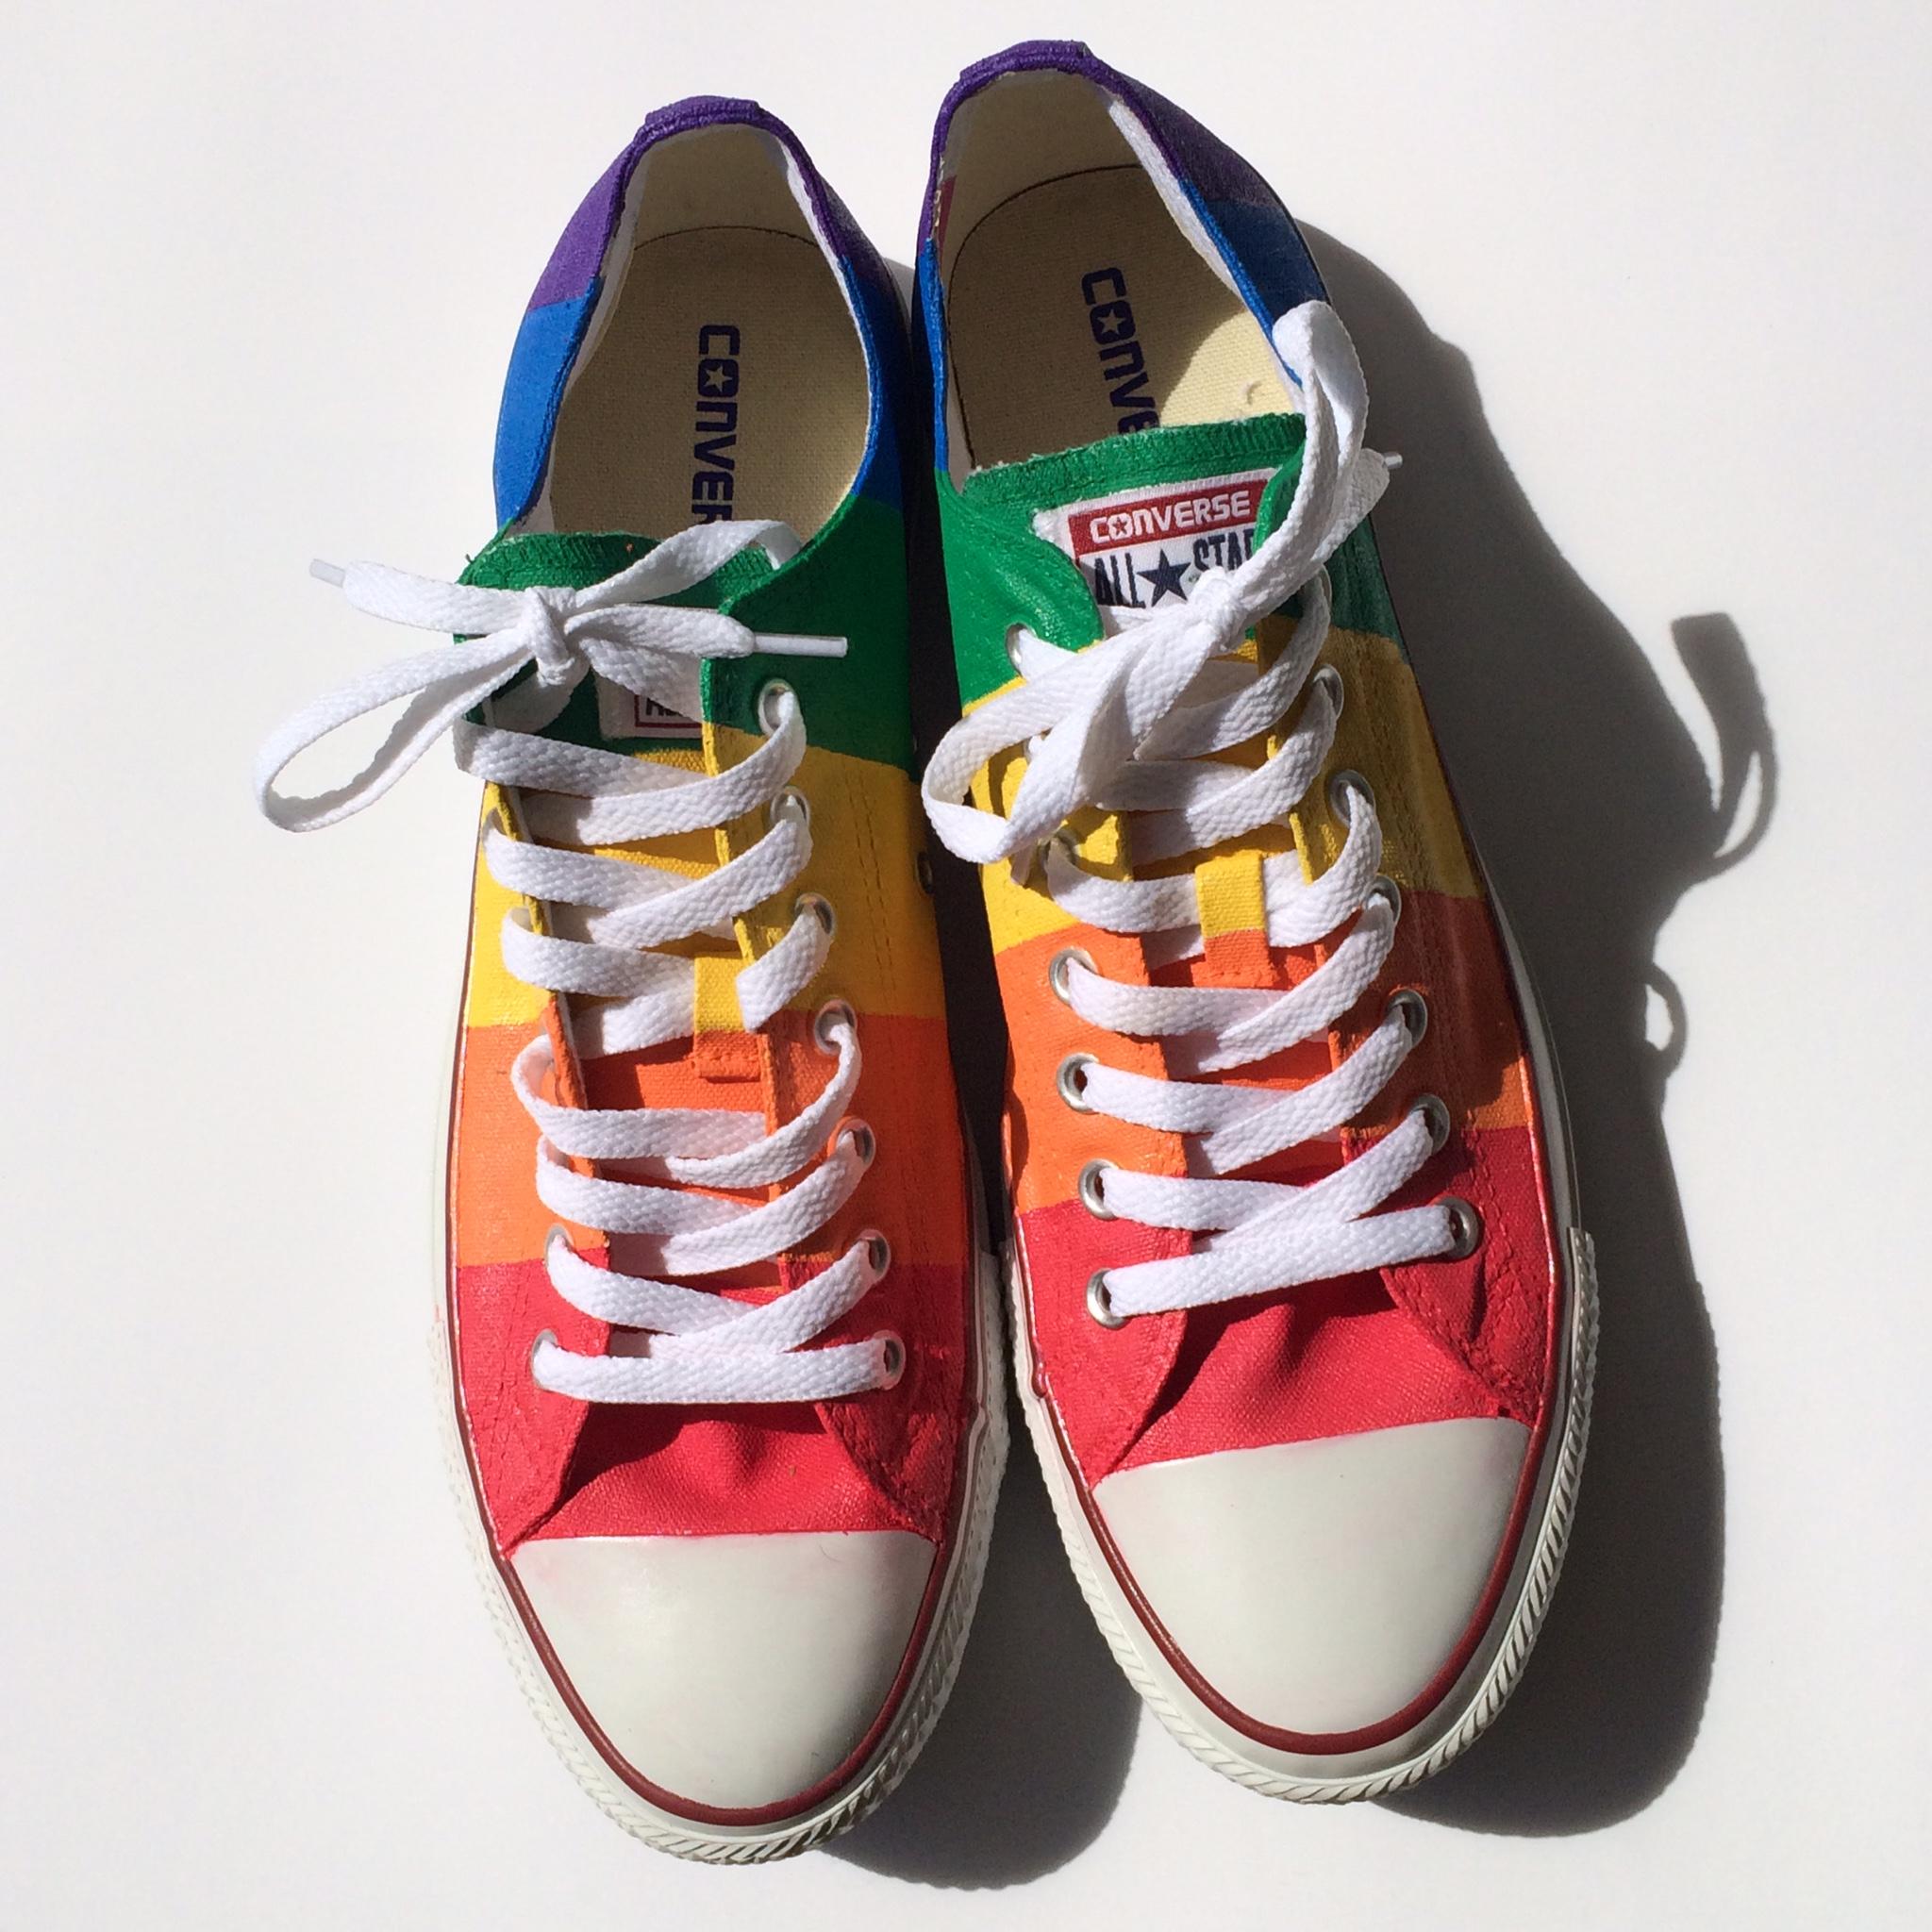 Gay pride converse shoes